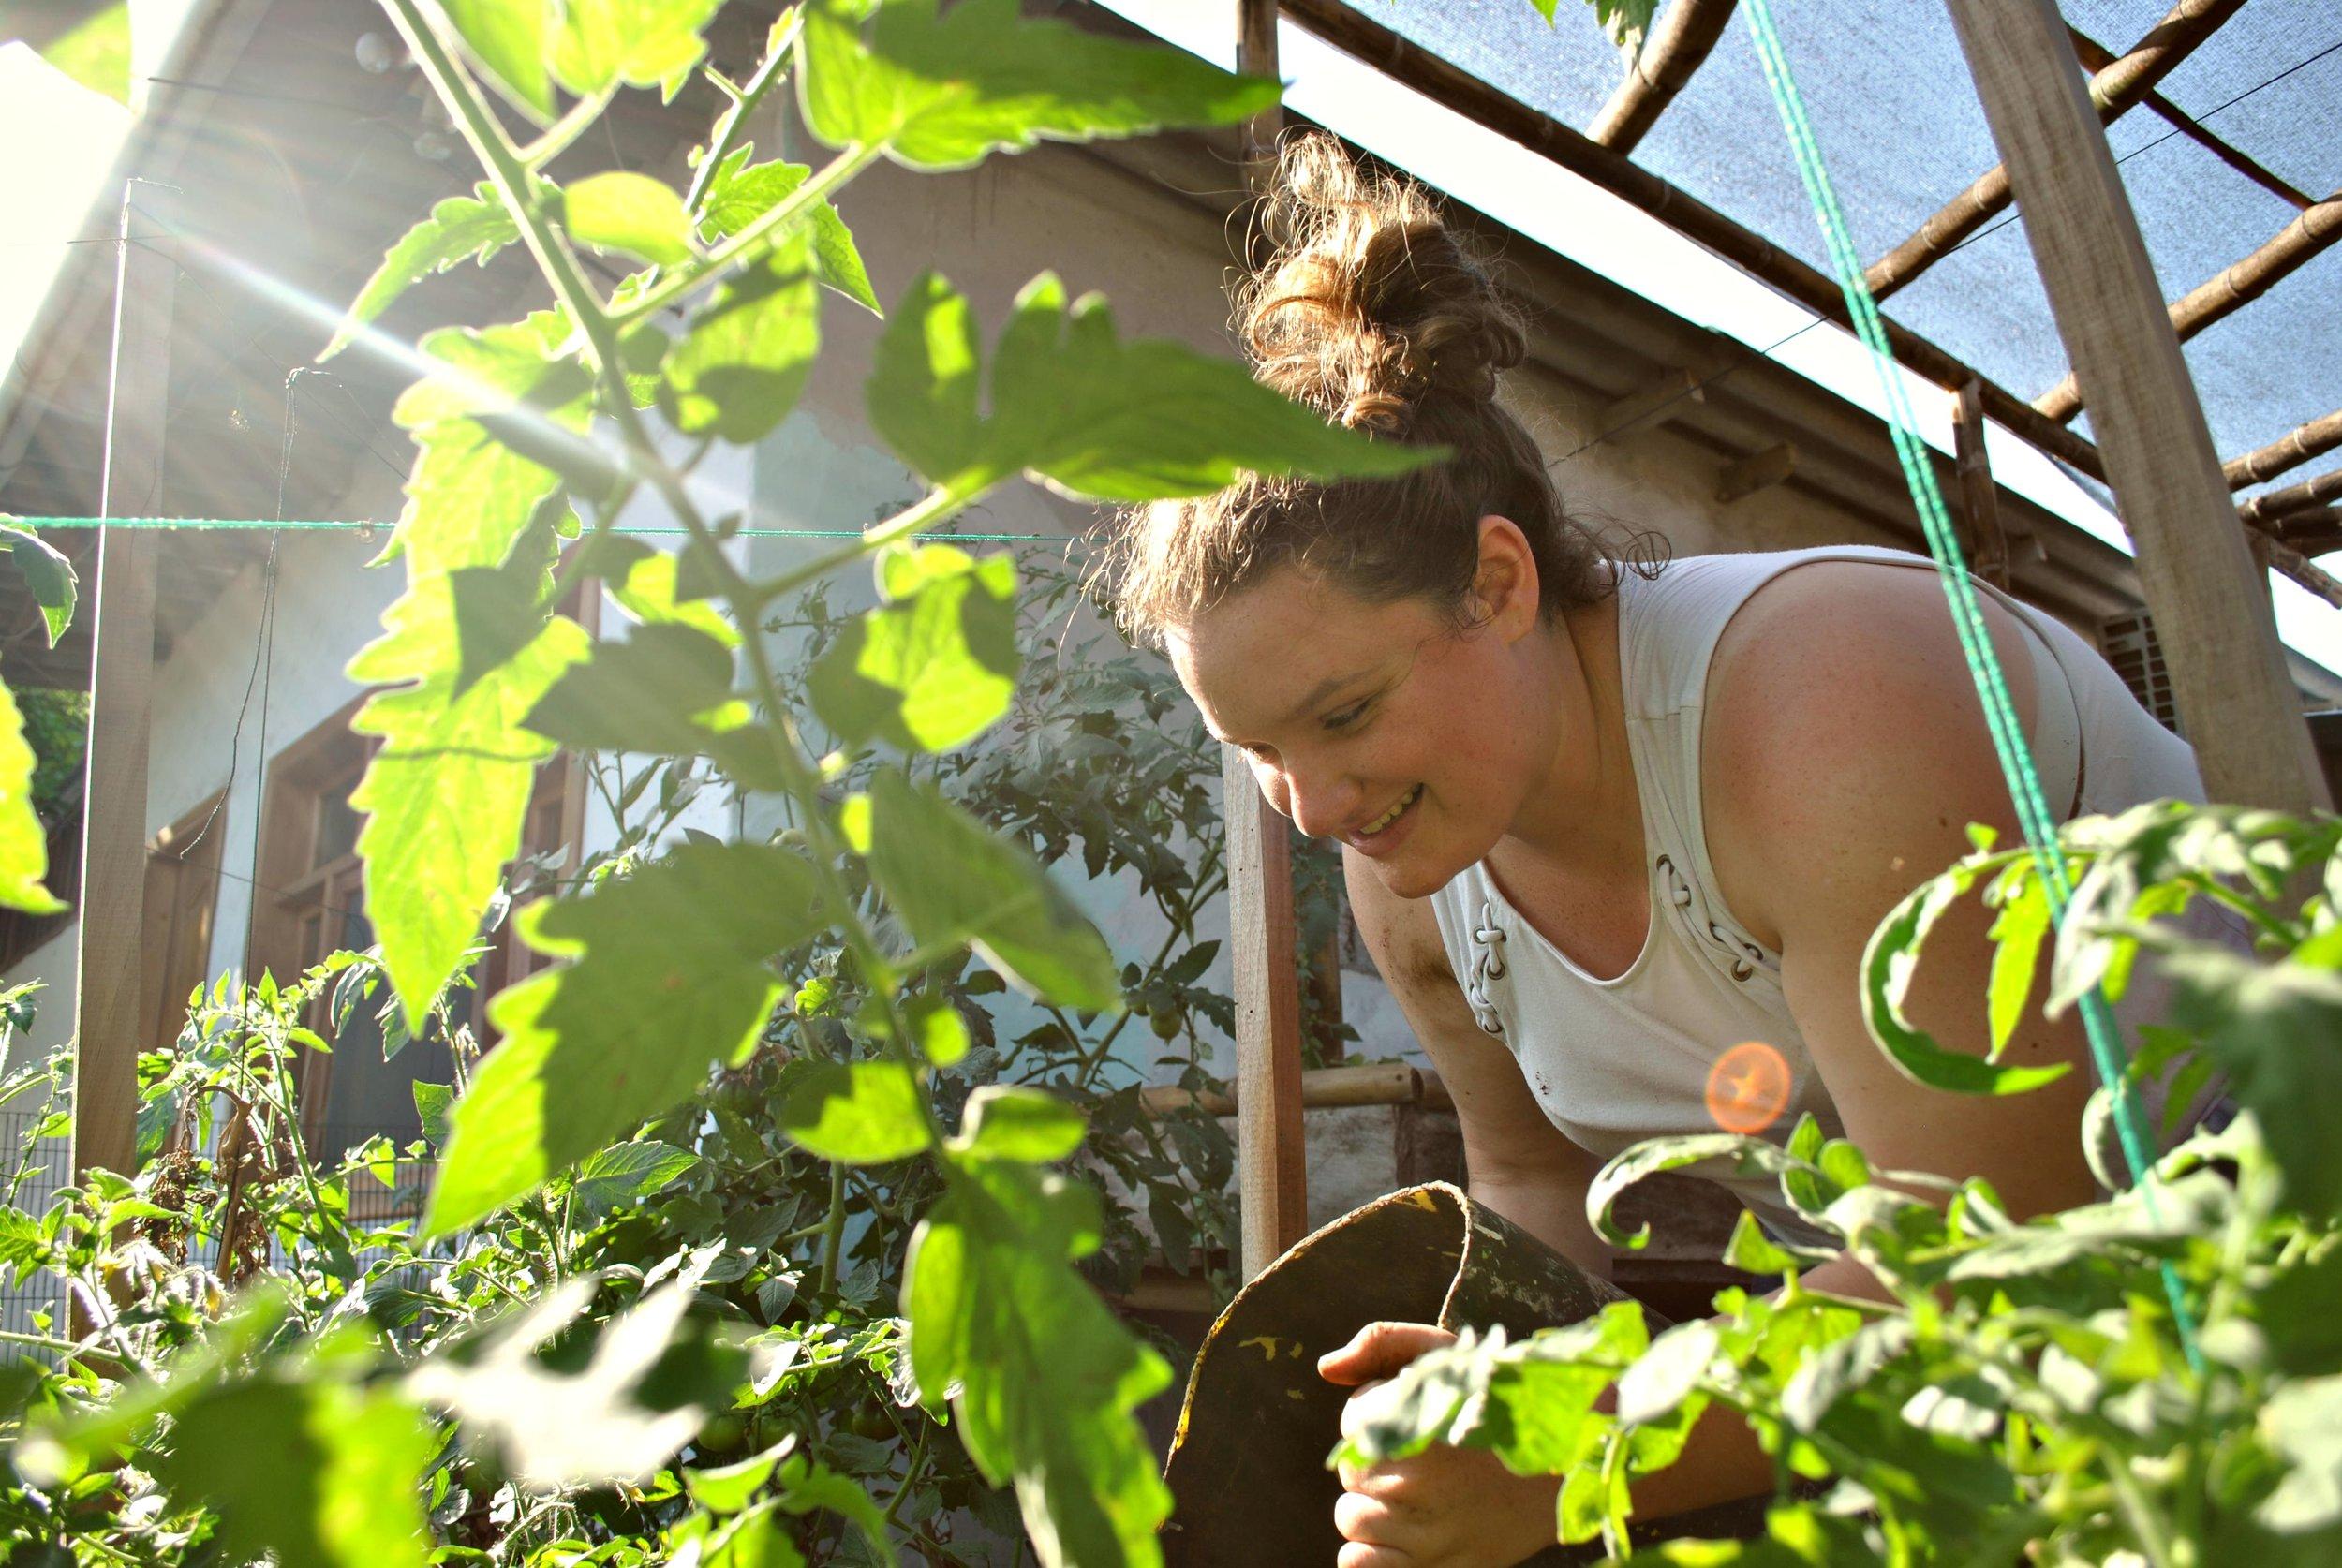 07-03 GardeningMiranda edited3.jpg